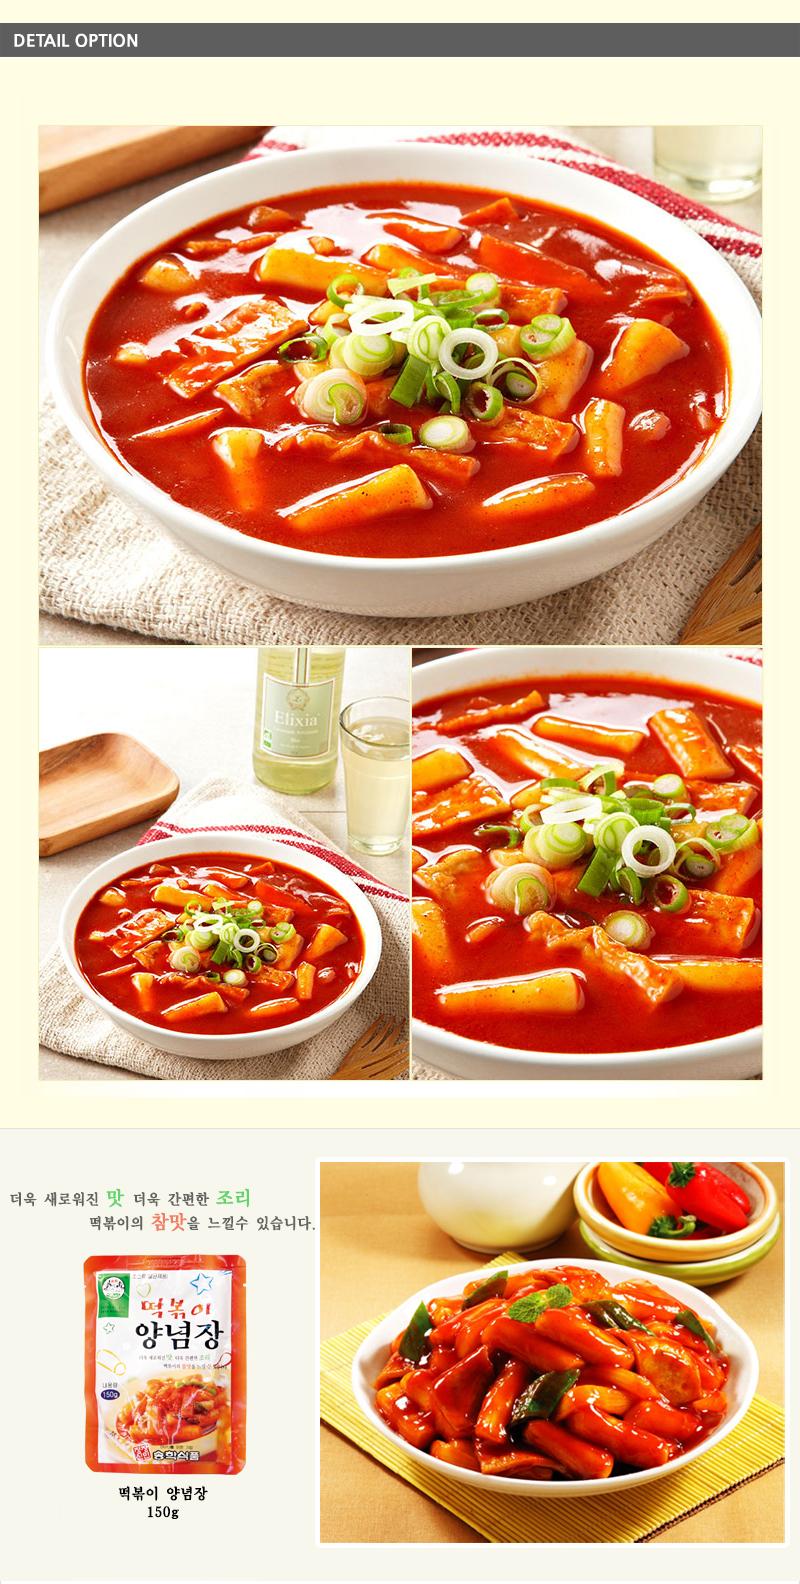 韓国餅/雑穀類 > お餅類 > トッポギ